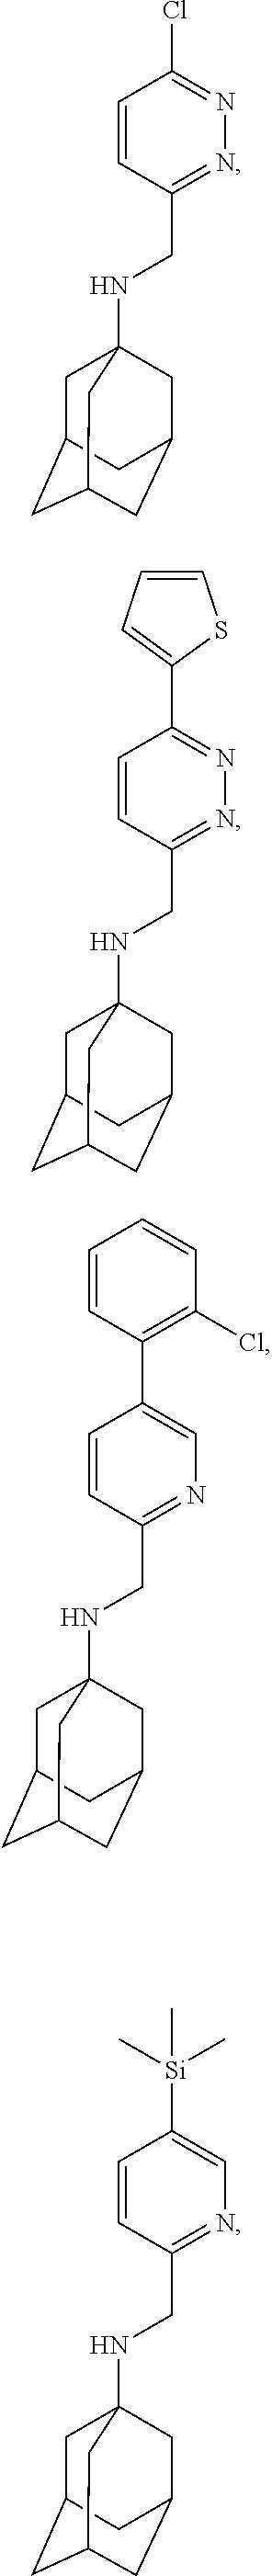 Figure US09884832-20180206-C00200